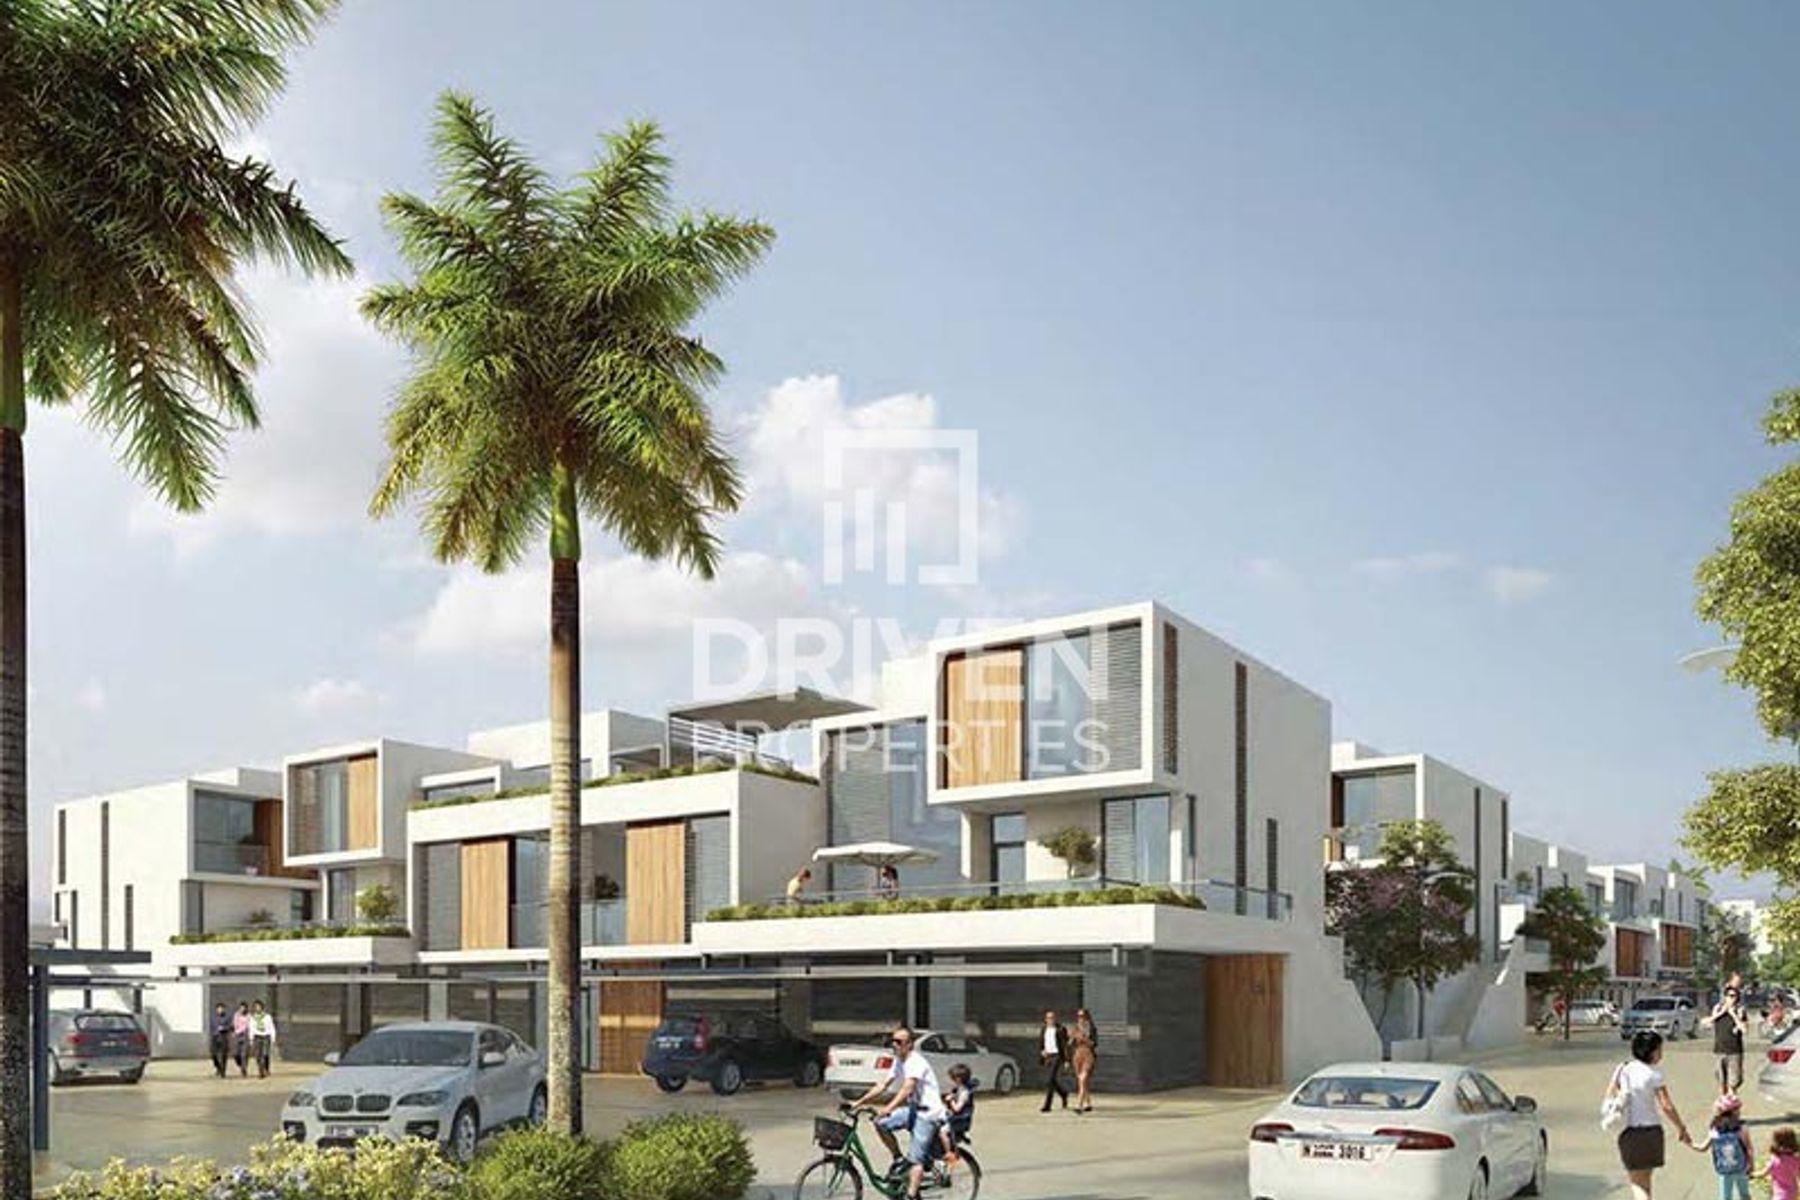 للبيع - شقة - ذي بالس - دبي الجنوب (مركز دبي العالمي)